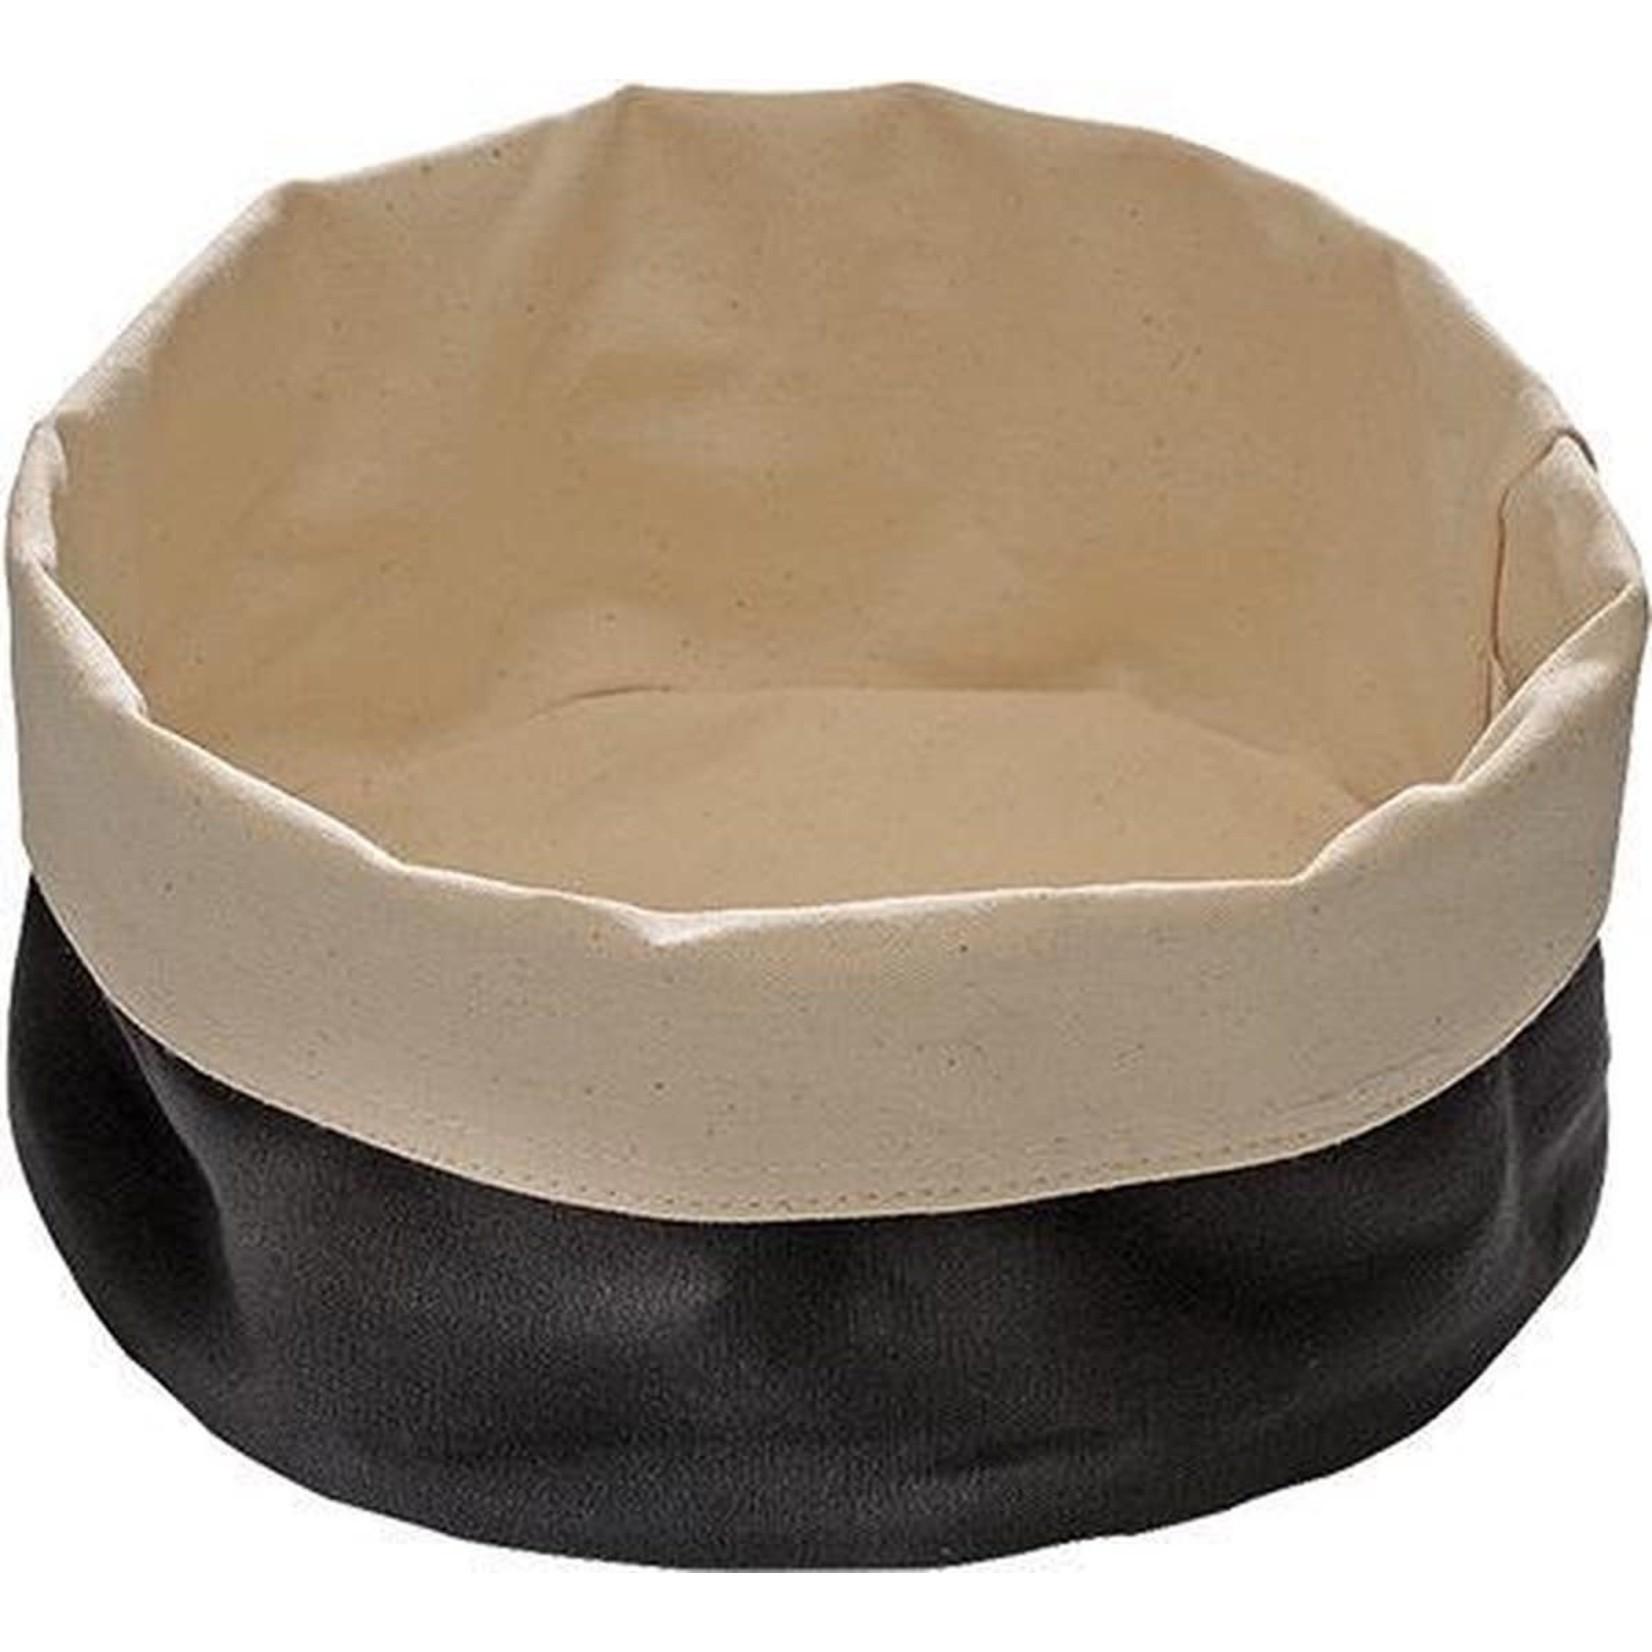 Broodmandje zwart/beige rond 20x9cm